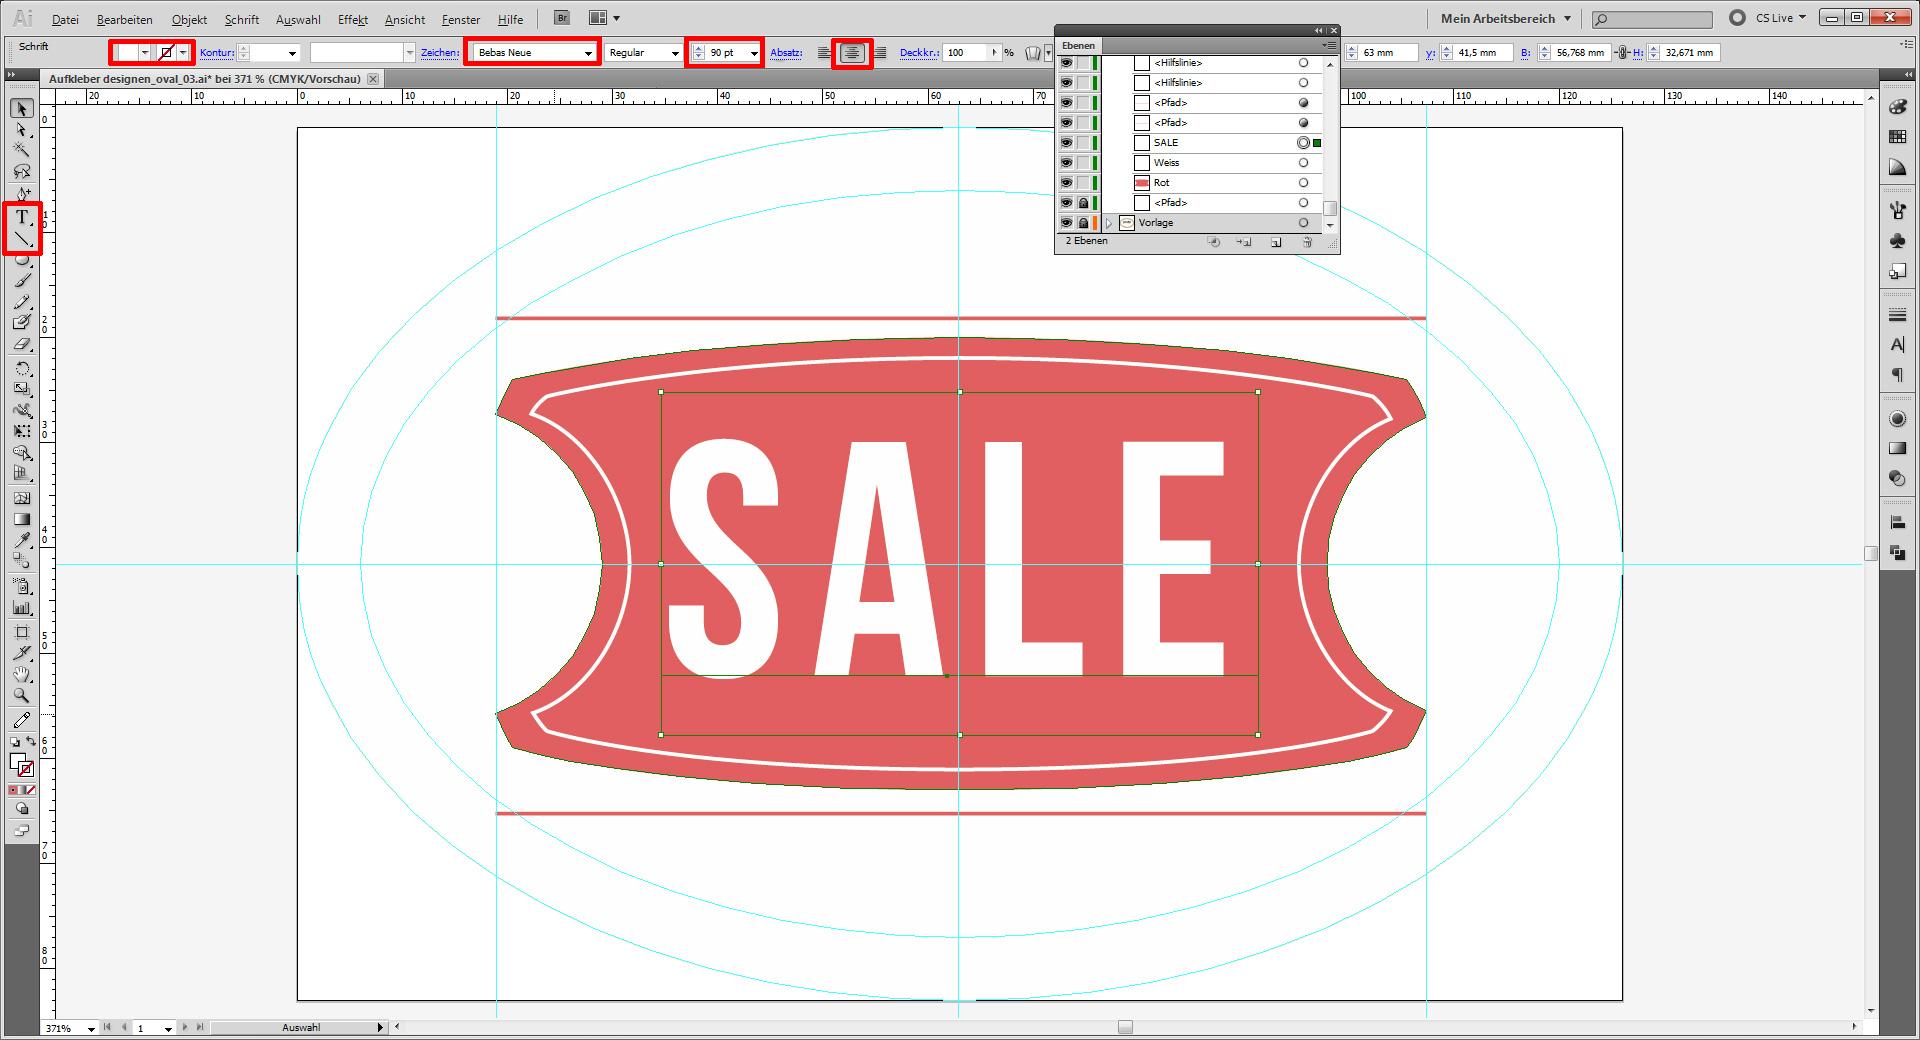 Aufkleber designen für SALE / Promotion » SAXOPRINT Blog